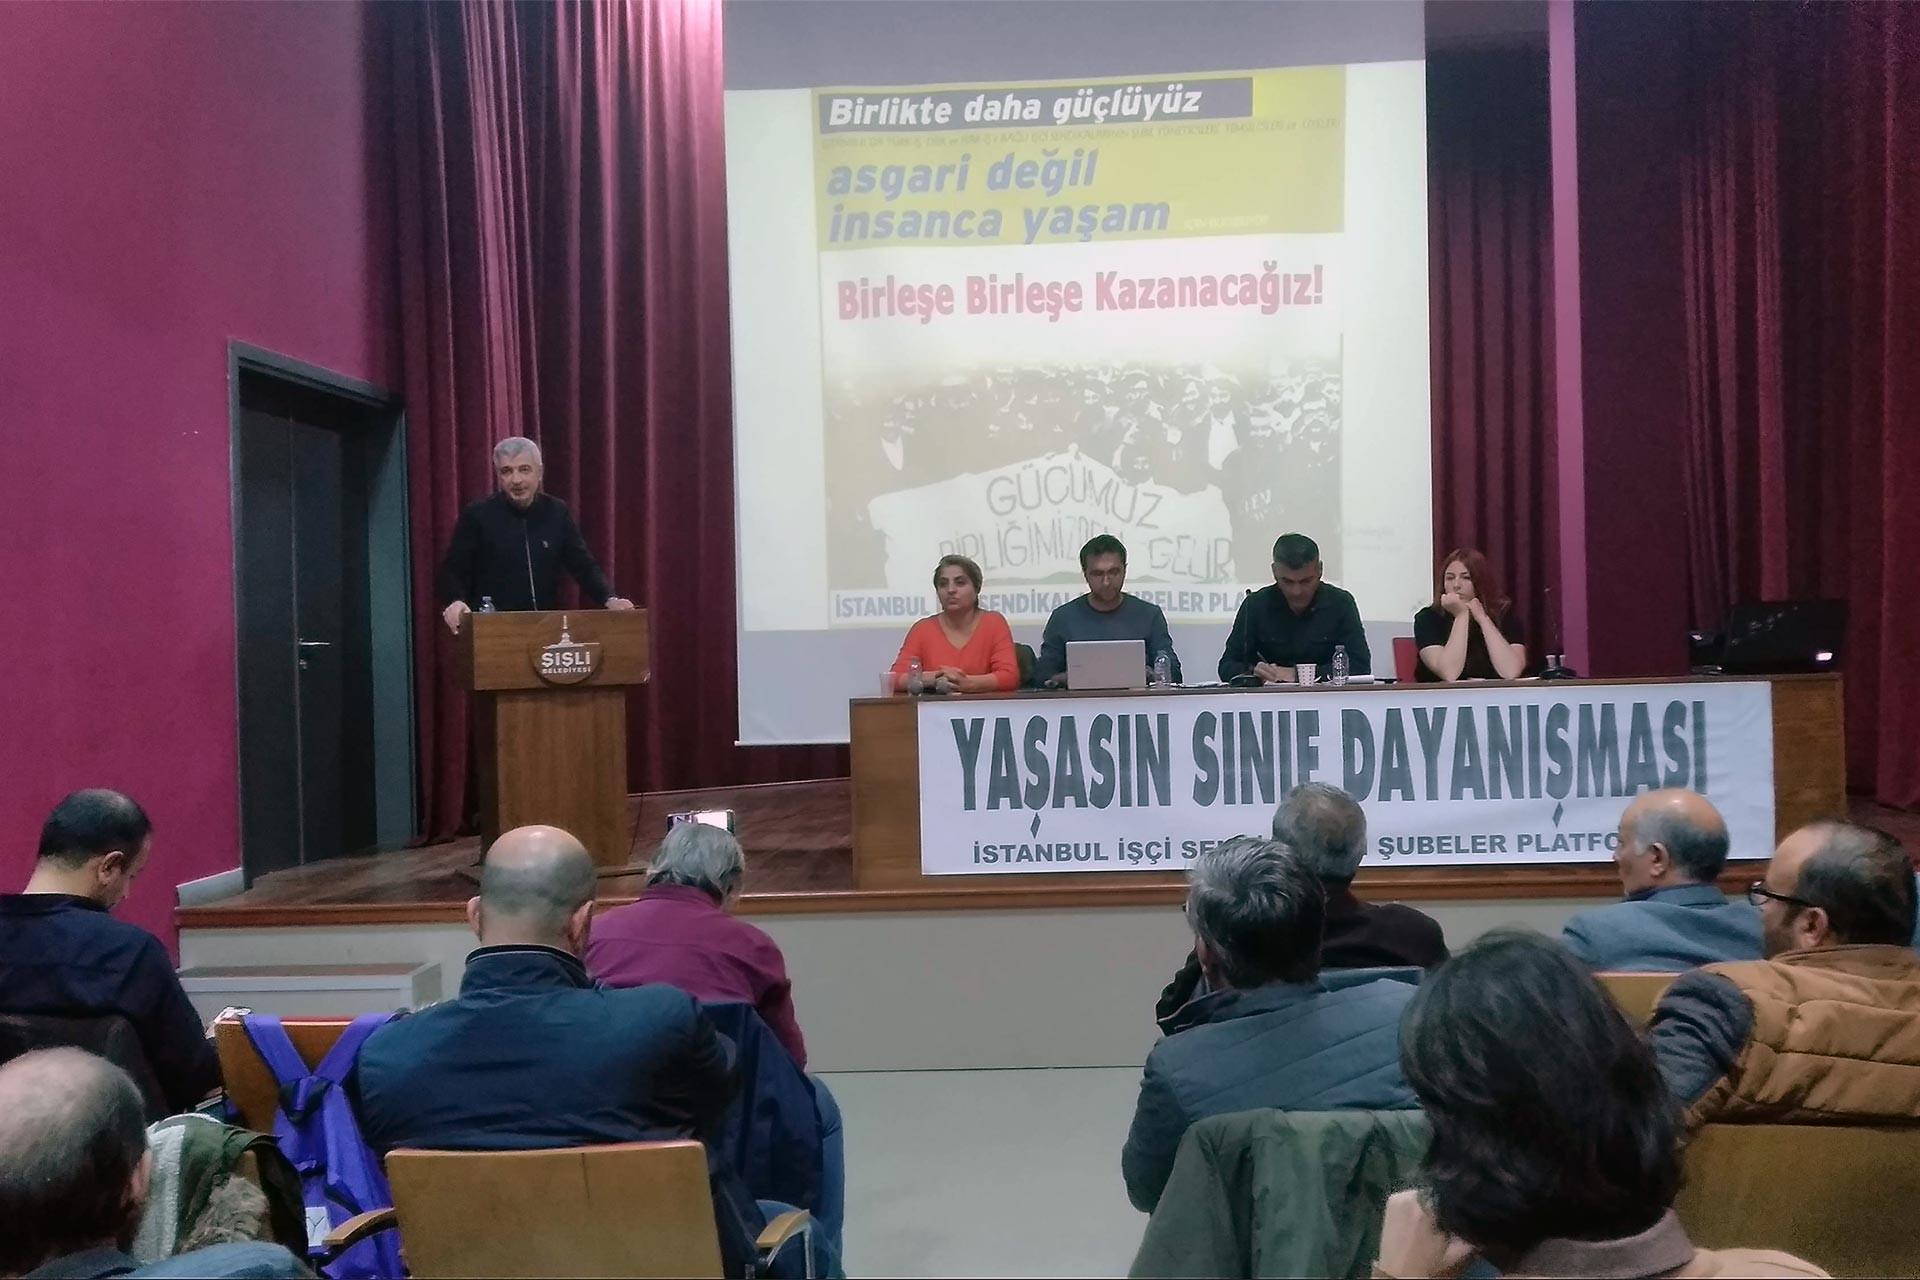 İstanbul İşçi Sendikaları Şubeler Platformu toplantısında konuşan Levent Dokuyucu